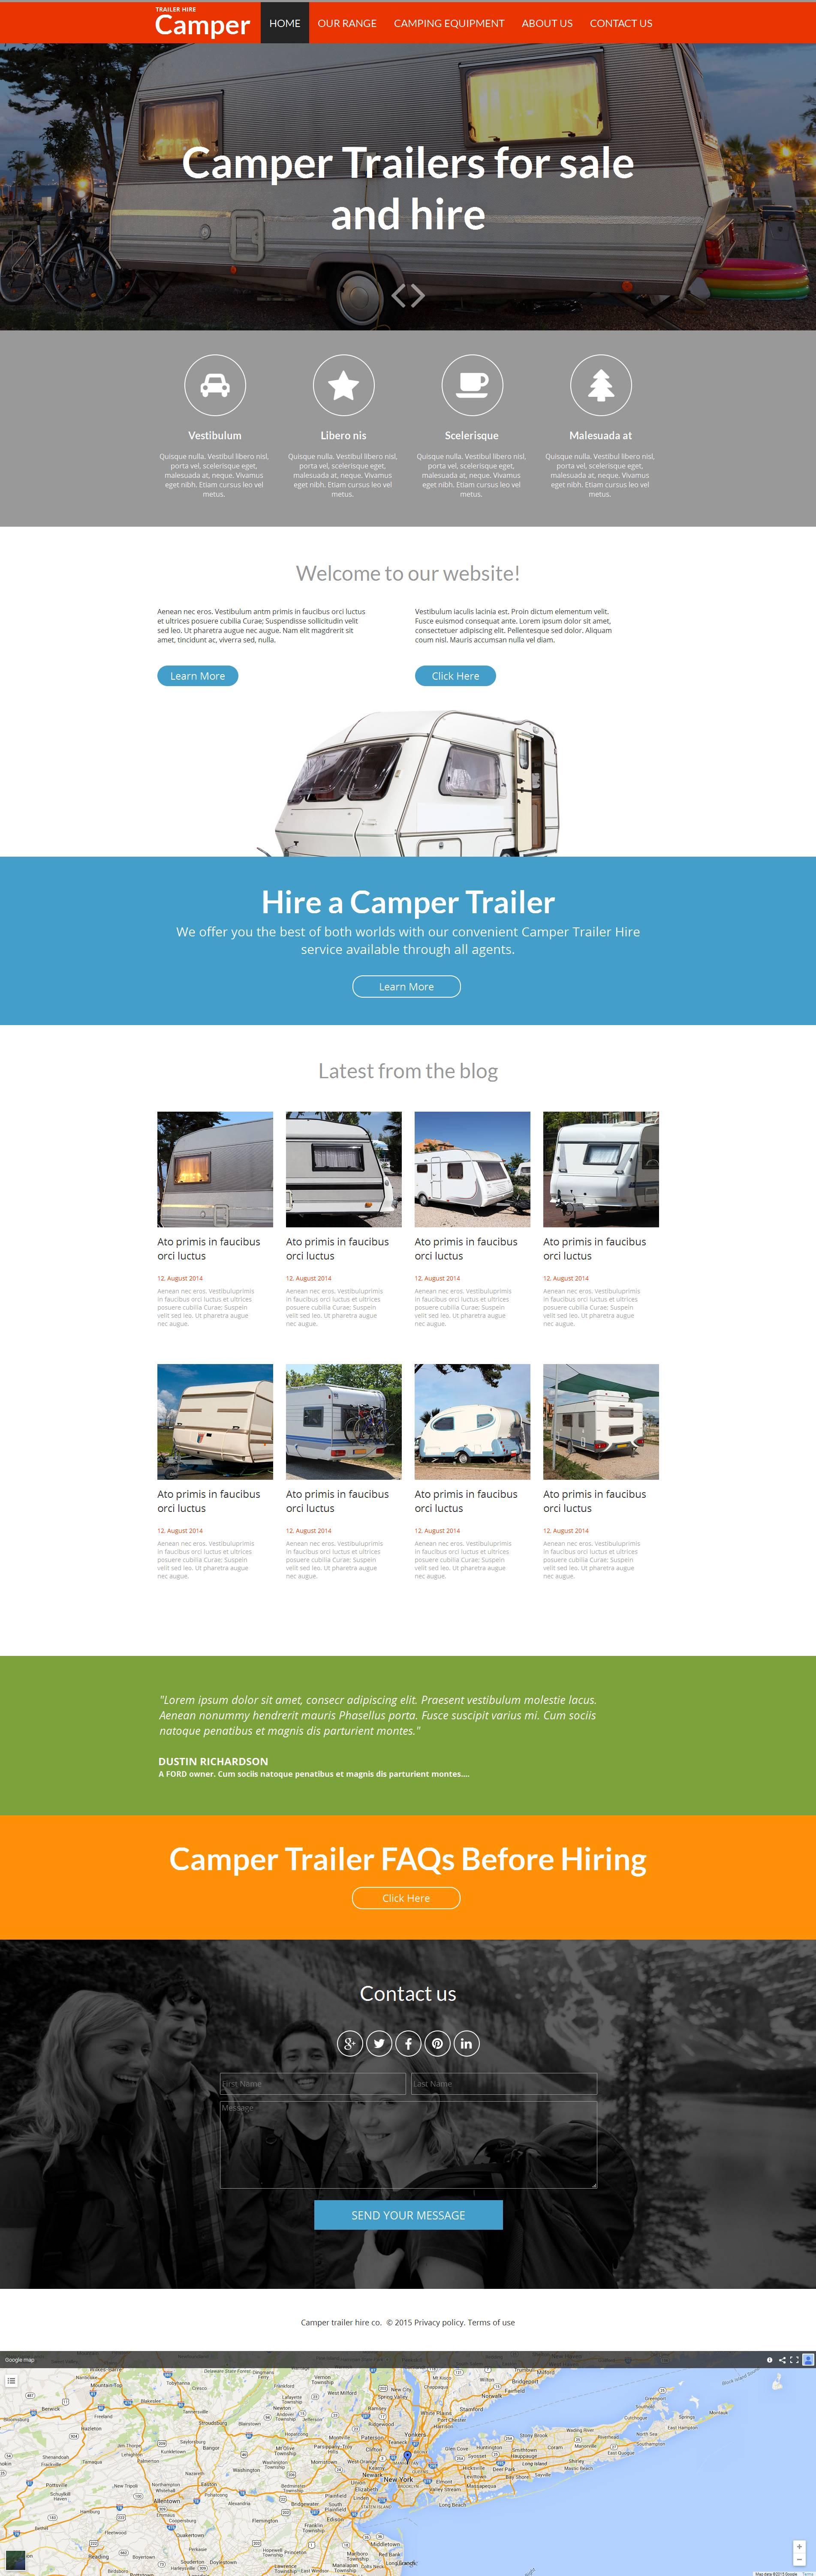 Plantilla Moto CMS HTML #53230 para Sitio de Campamento - captura de pantalla